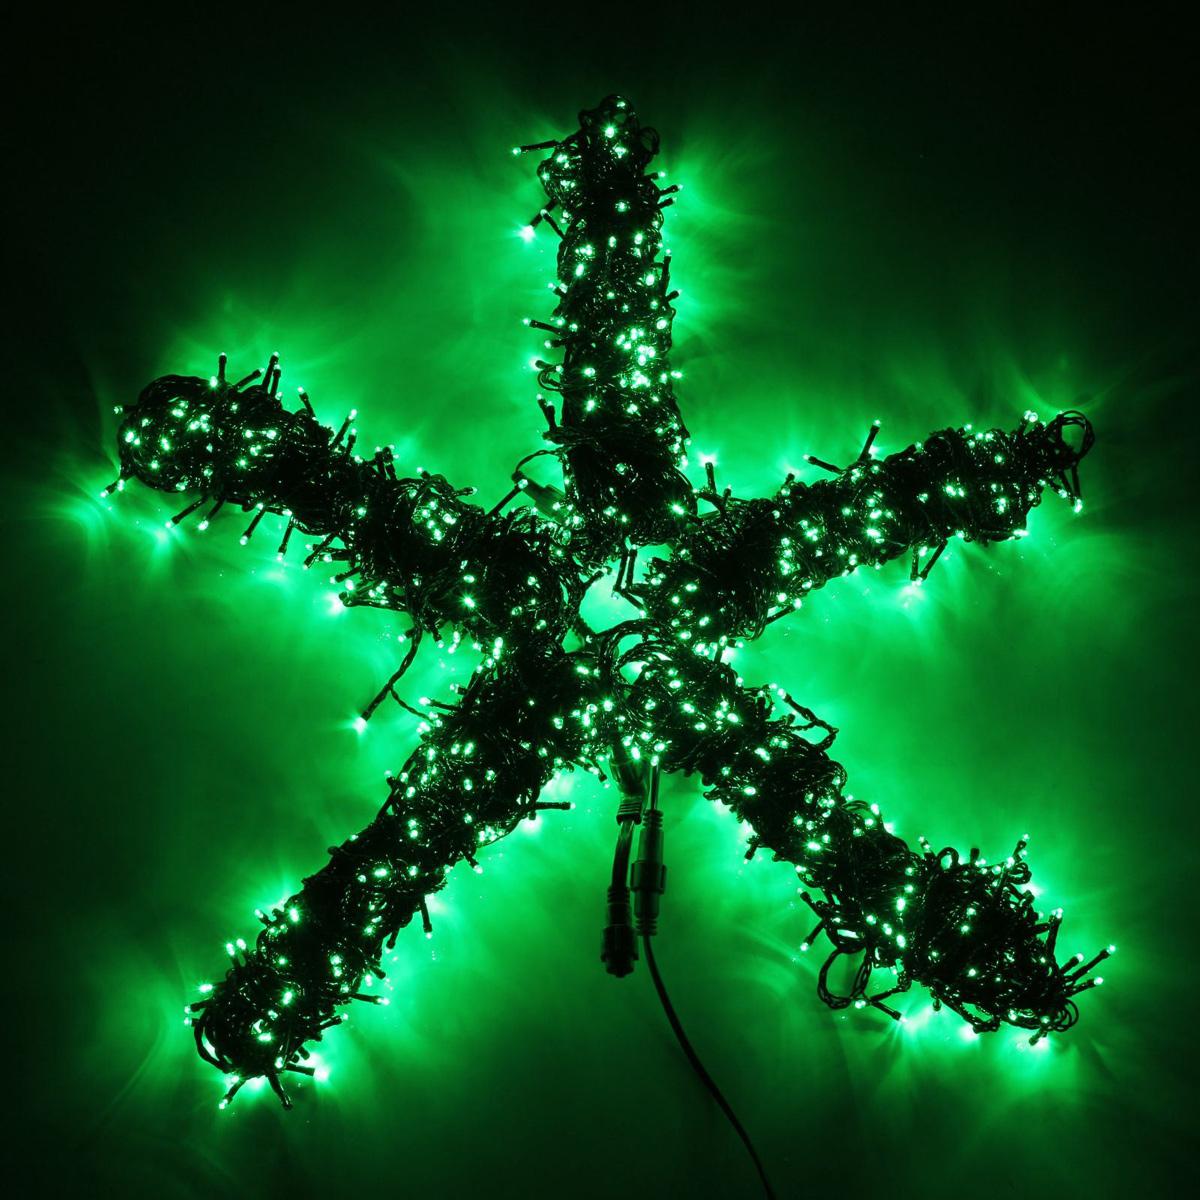 Гирлянда светодиодная Luazon Клип лайт, цвет: зеленый, уличная, 1000 ламп, 24 V, 5 х 20 м. 15860631586063Светодиодные гирлянды и ленты — это отличный вариант для новогоднего оформления интерьера или фасада. С их помощью помещение любого размера можно превратить в праздничный зал, а внешние элементы зданий, украшенные ими, мгновенно станут напоминать очертания сказочного дворца. Такие украшения создают ауру предвкушения чуда. Деревья, фасады, витрины, окна и арки будто специально созданы, чтобы вы украсили их светящимися нитями.